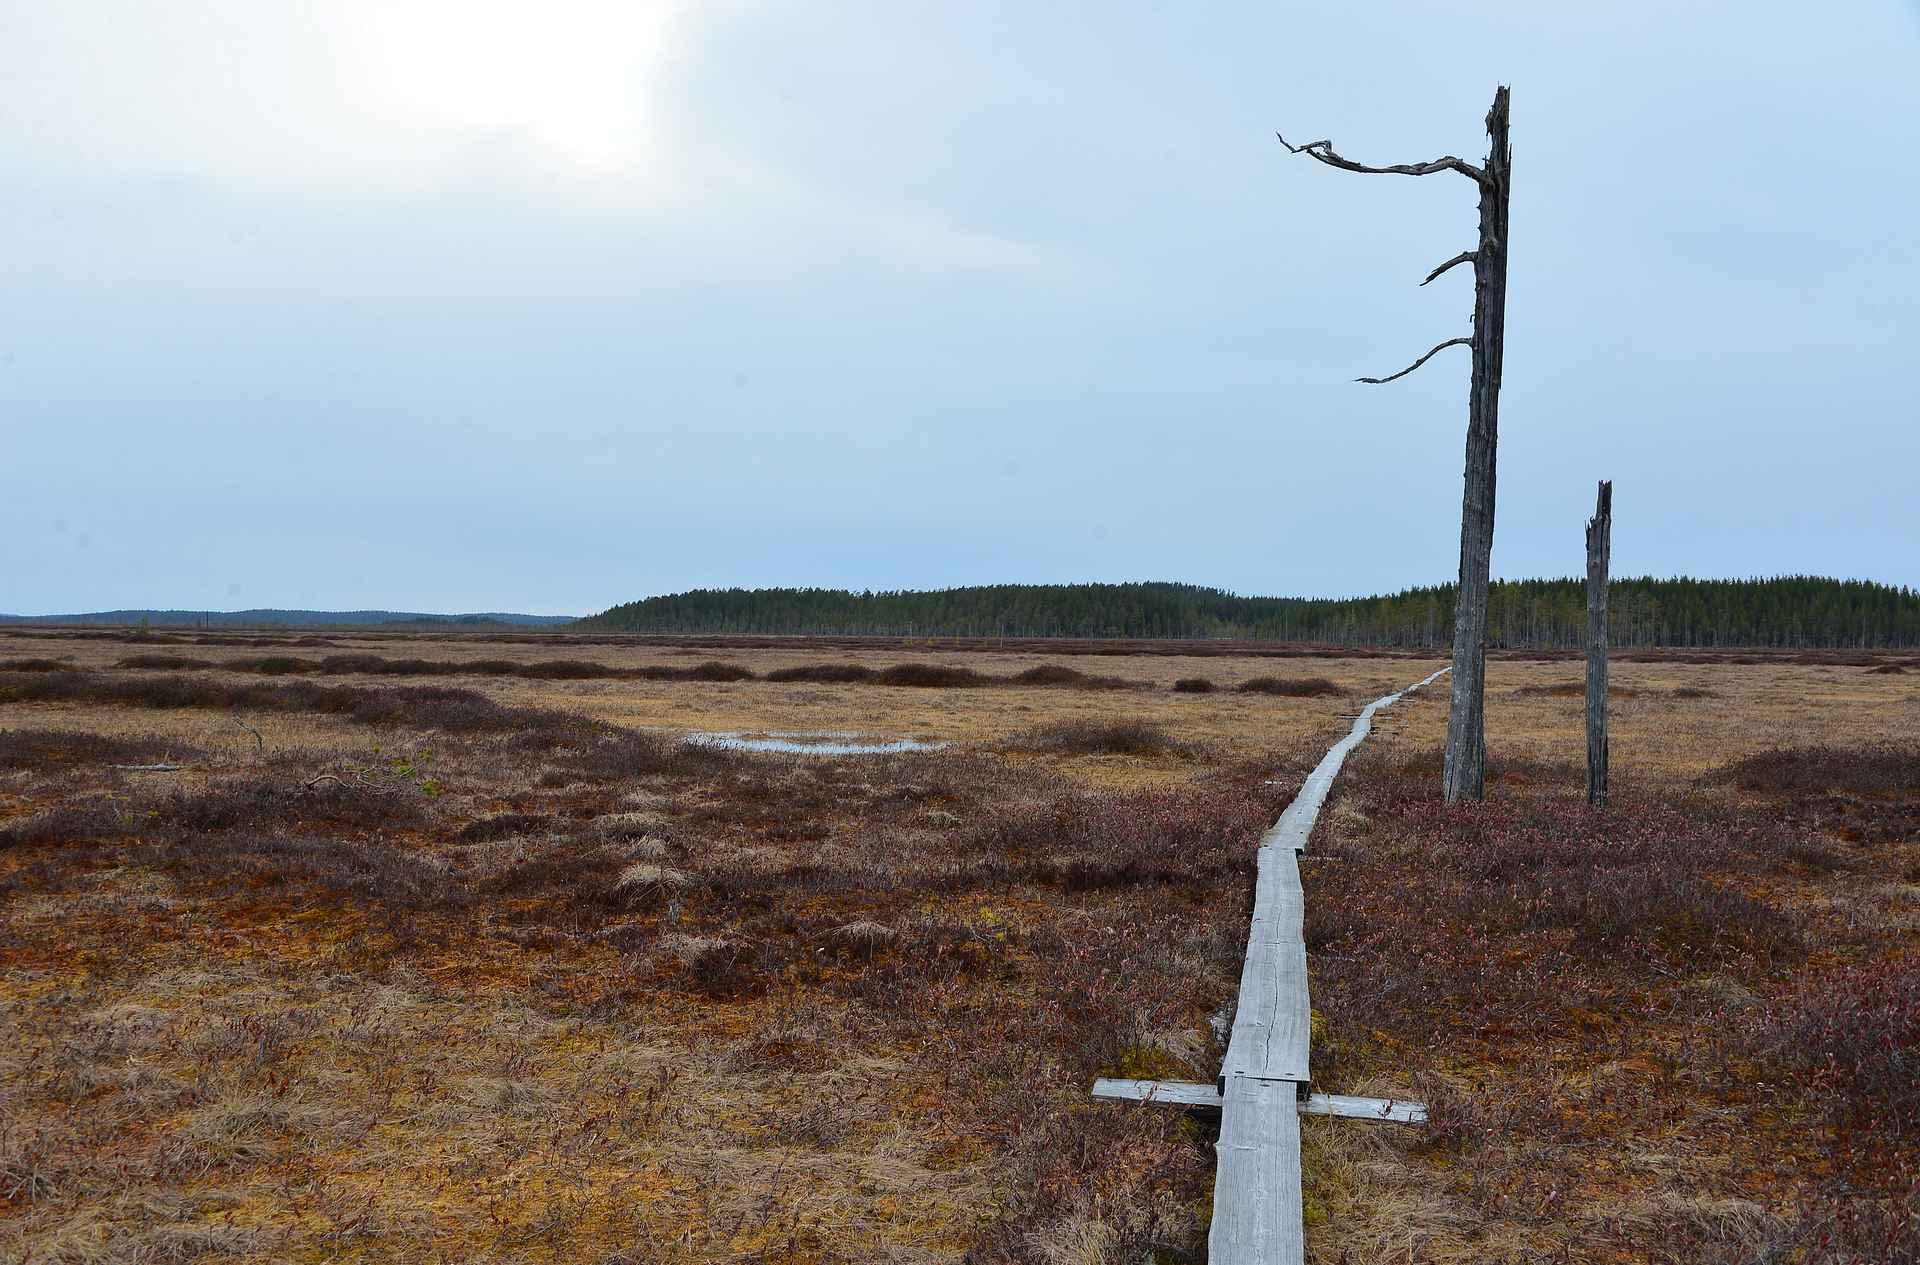 Vaikka kansallispuistoja ei kannata paremmuusjärjestykseen laittaa, niin Patvinsuon kansallispuisto kuuluu omiin Top3 kokemuksiin maisemien puolesta.